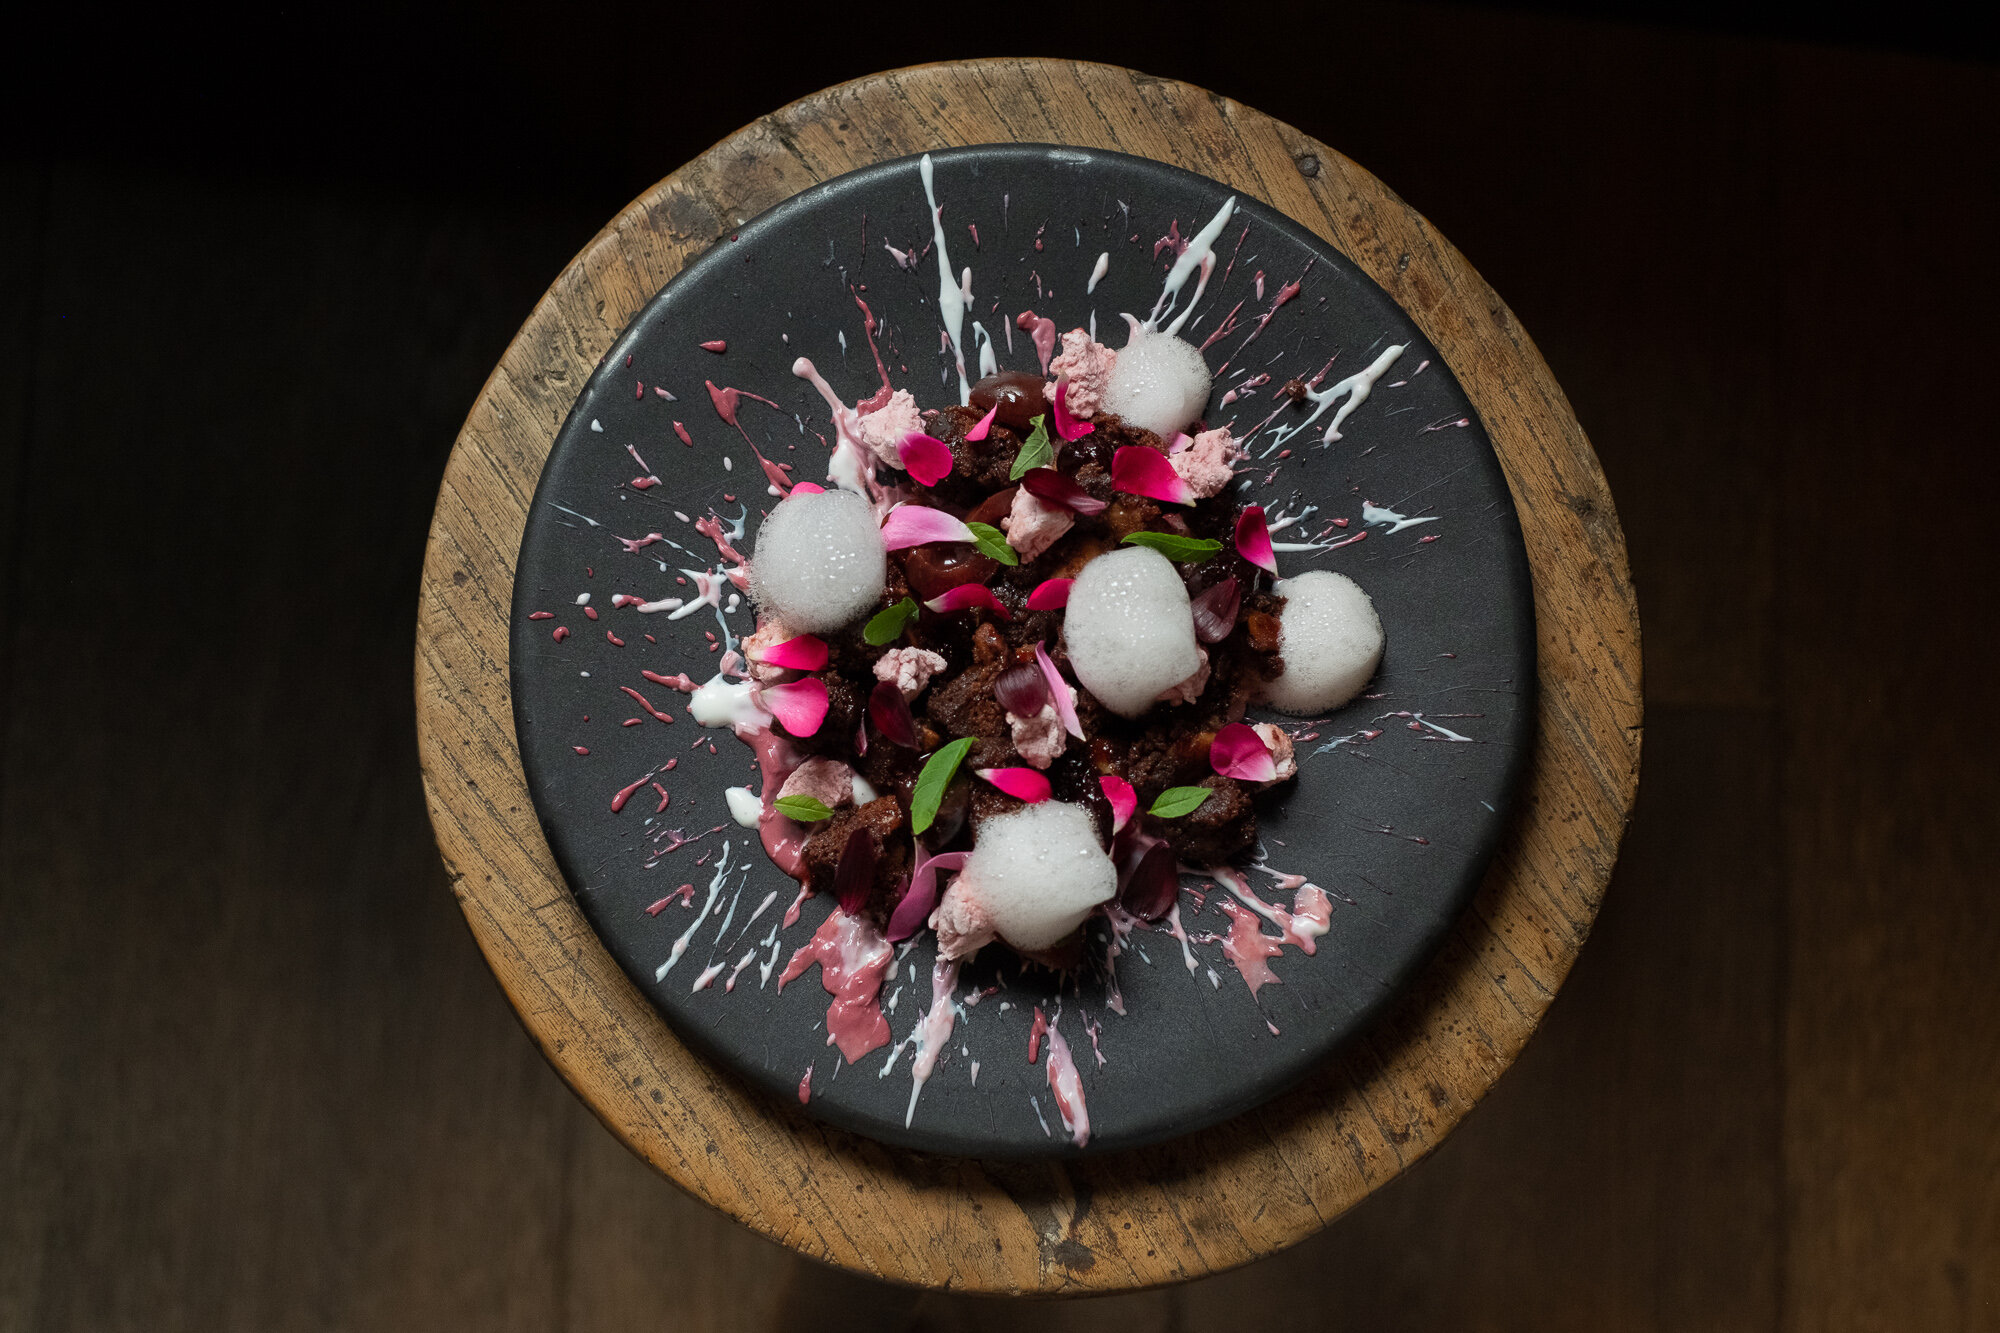 Kersen - Amarena kersen - Chocolade brownie - Vlierbloesem Marshmallow - Geroosterde amandelen - Yoghurt ijs